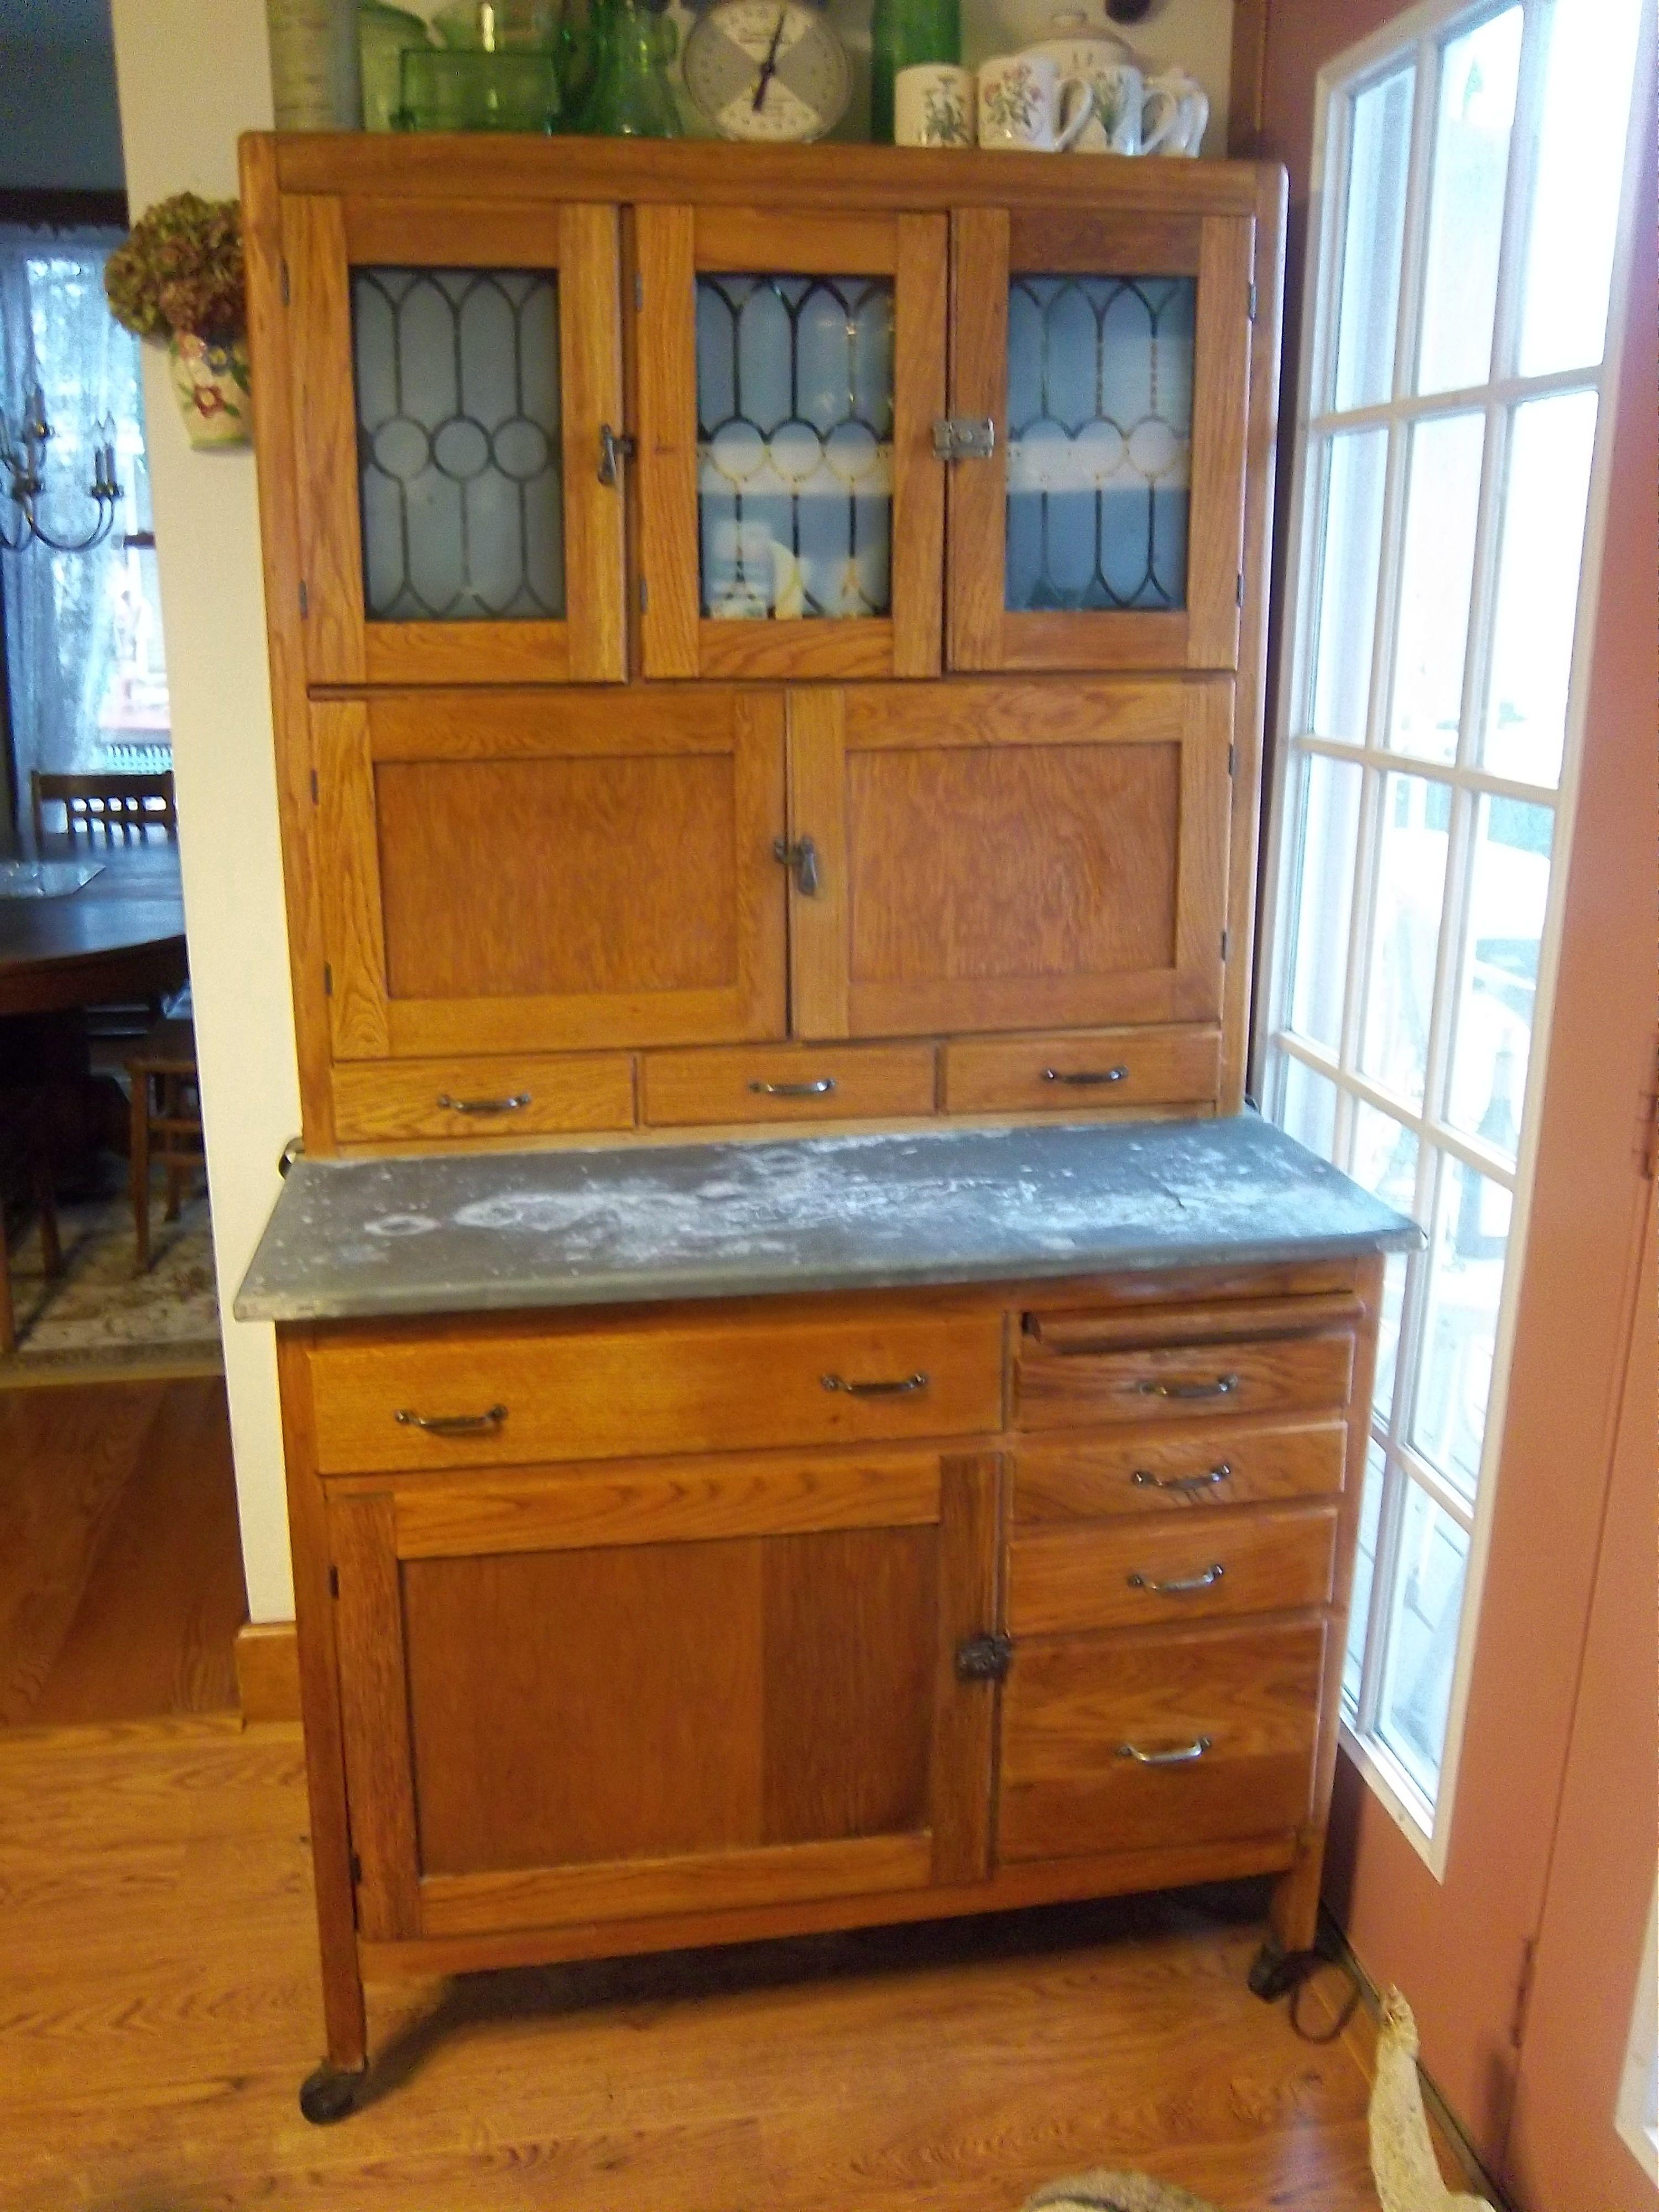 Zpid Kitchen Remodeling Montgomery Al; Kitchen Remodeling Montgomery Al My  Hoosier Cabinet Made By Montgomery Ward Hoosier CabinetChina  CabinetsKitchen ...